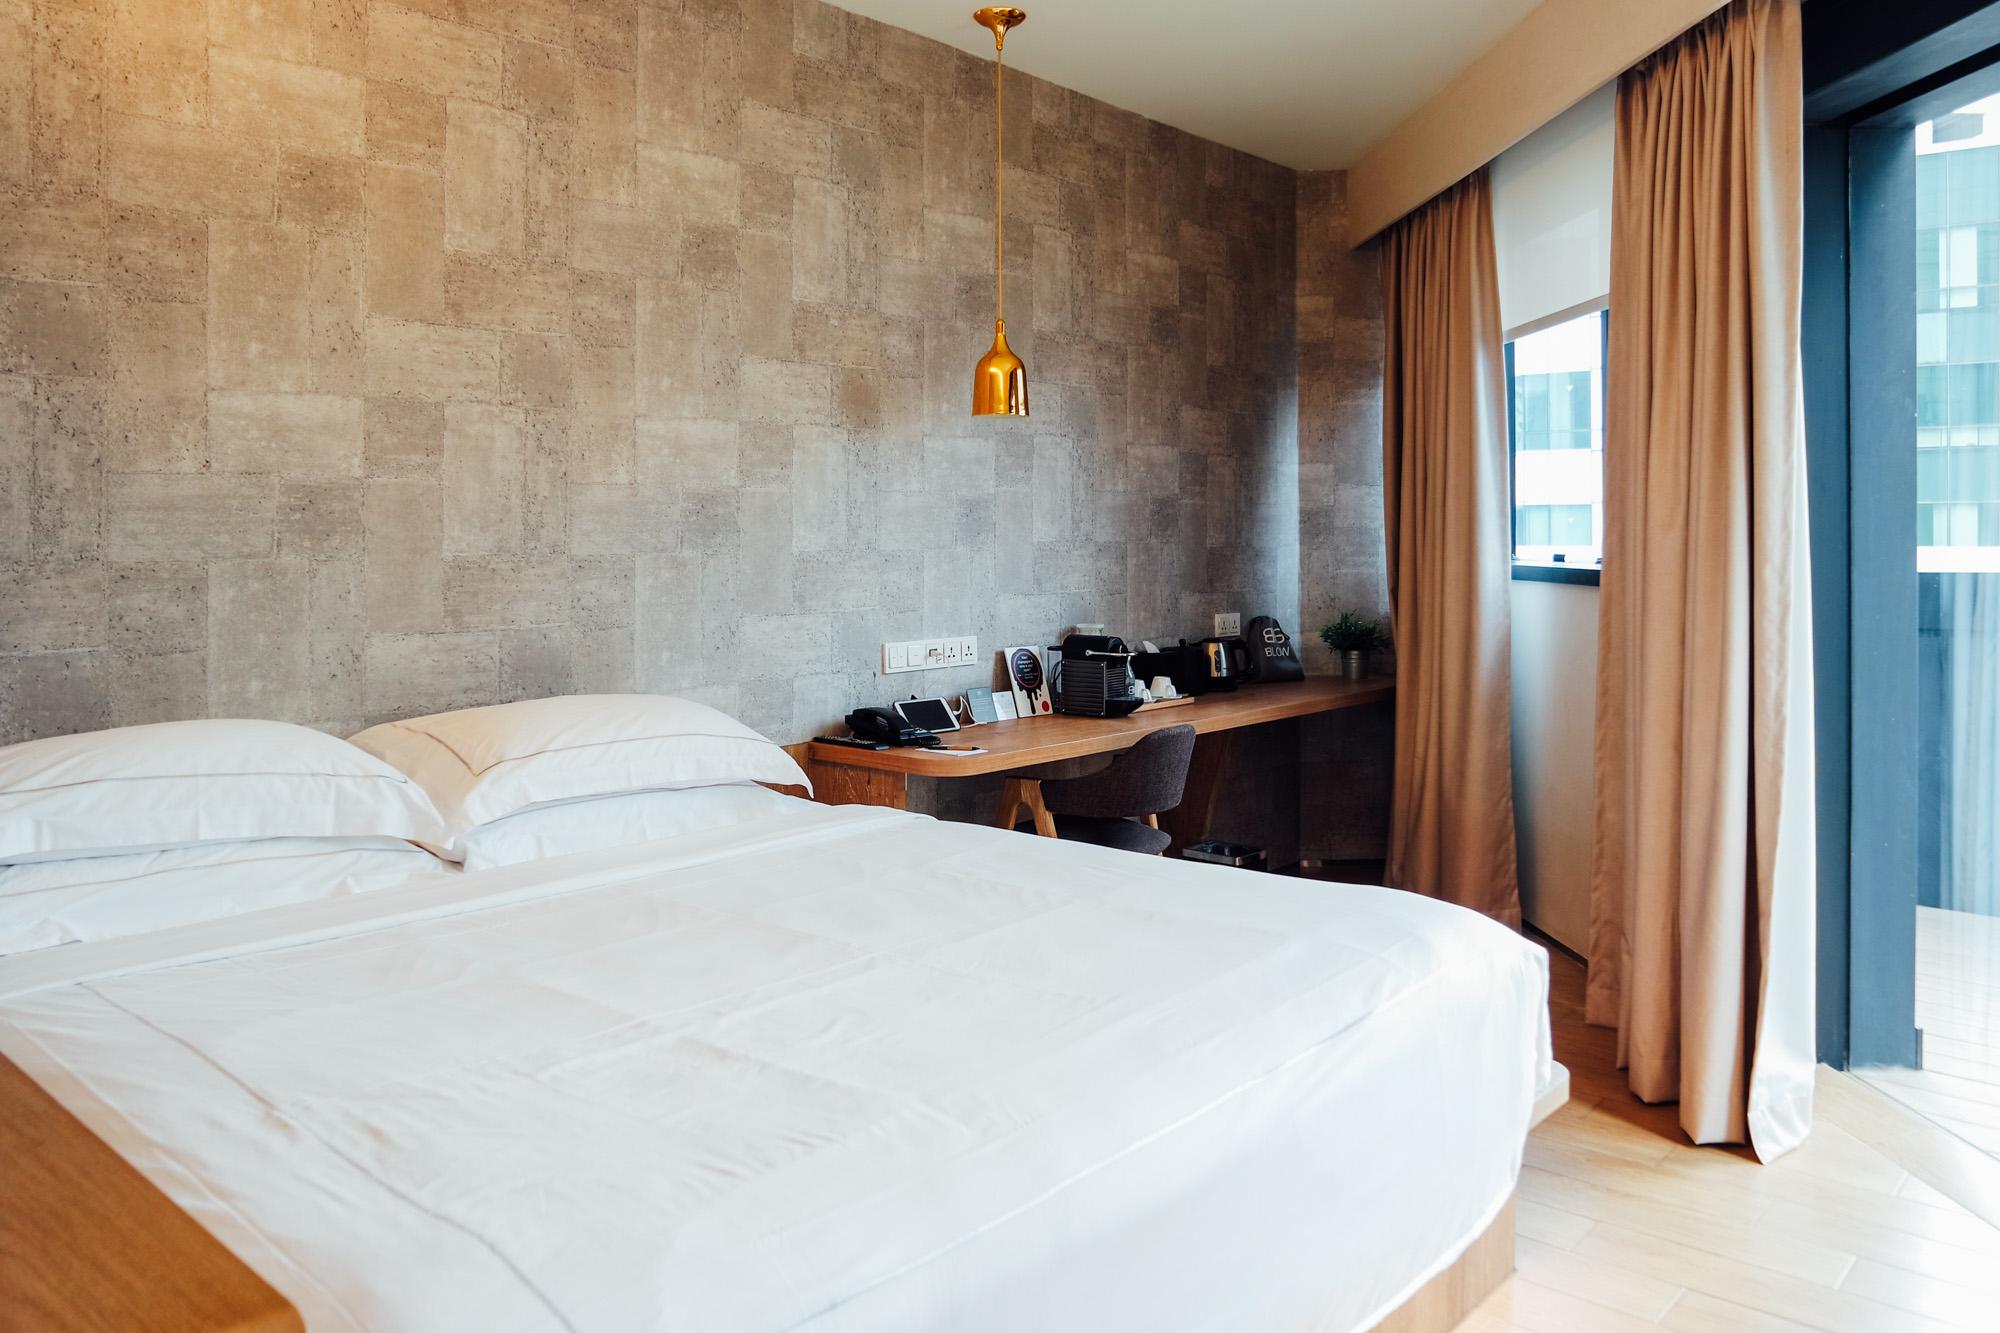 BIG HOTEL Staycation